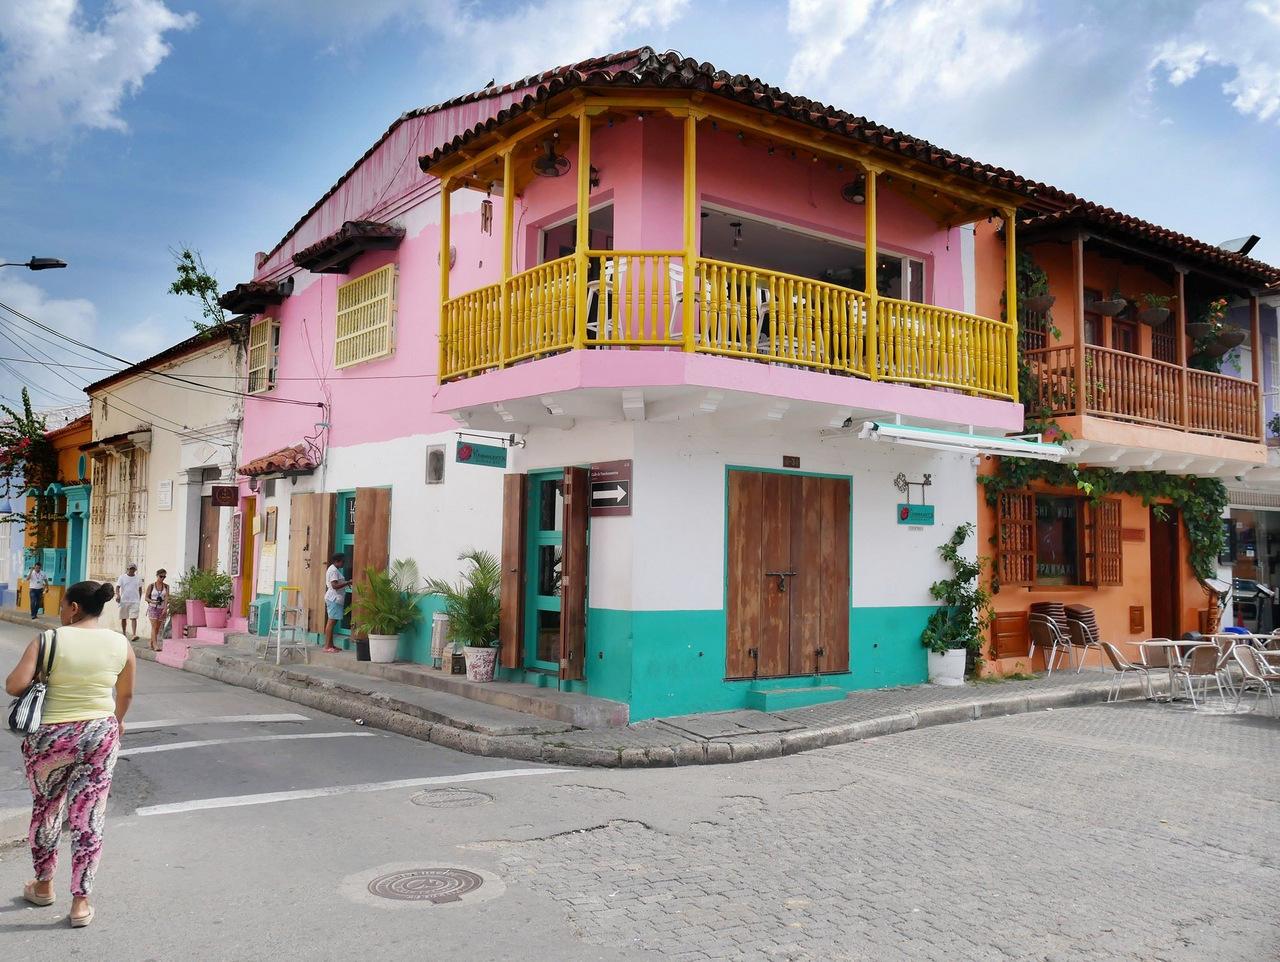 itinerario di tre settimane in colombia: Il quartiere Getsemani a Cartagena